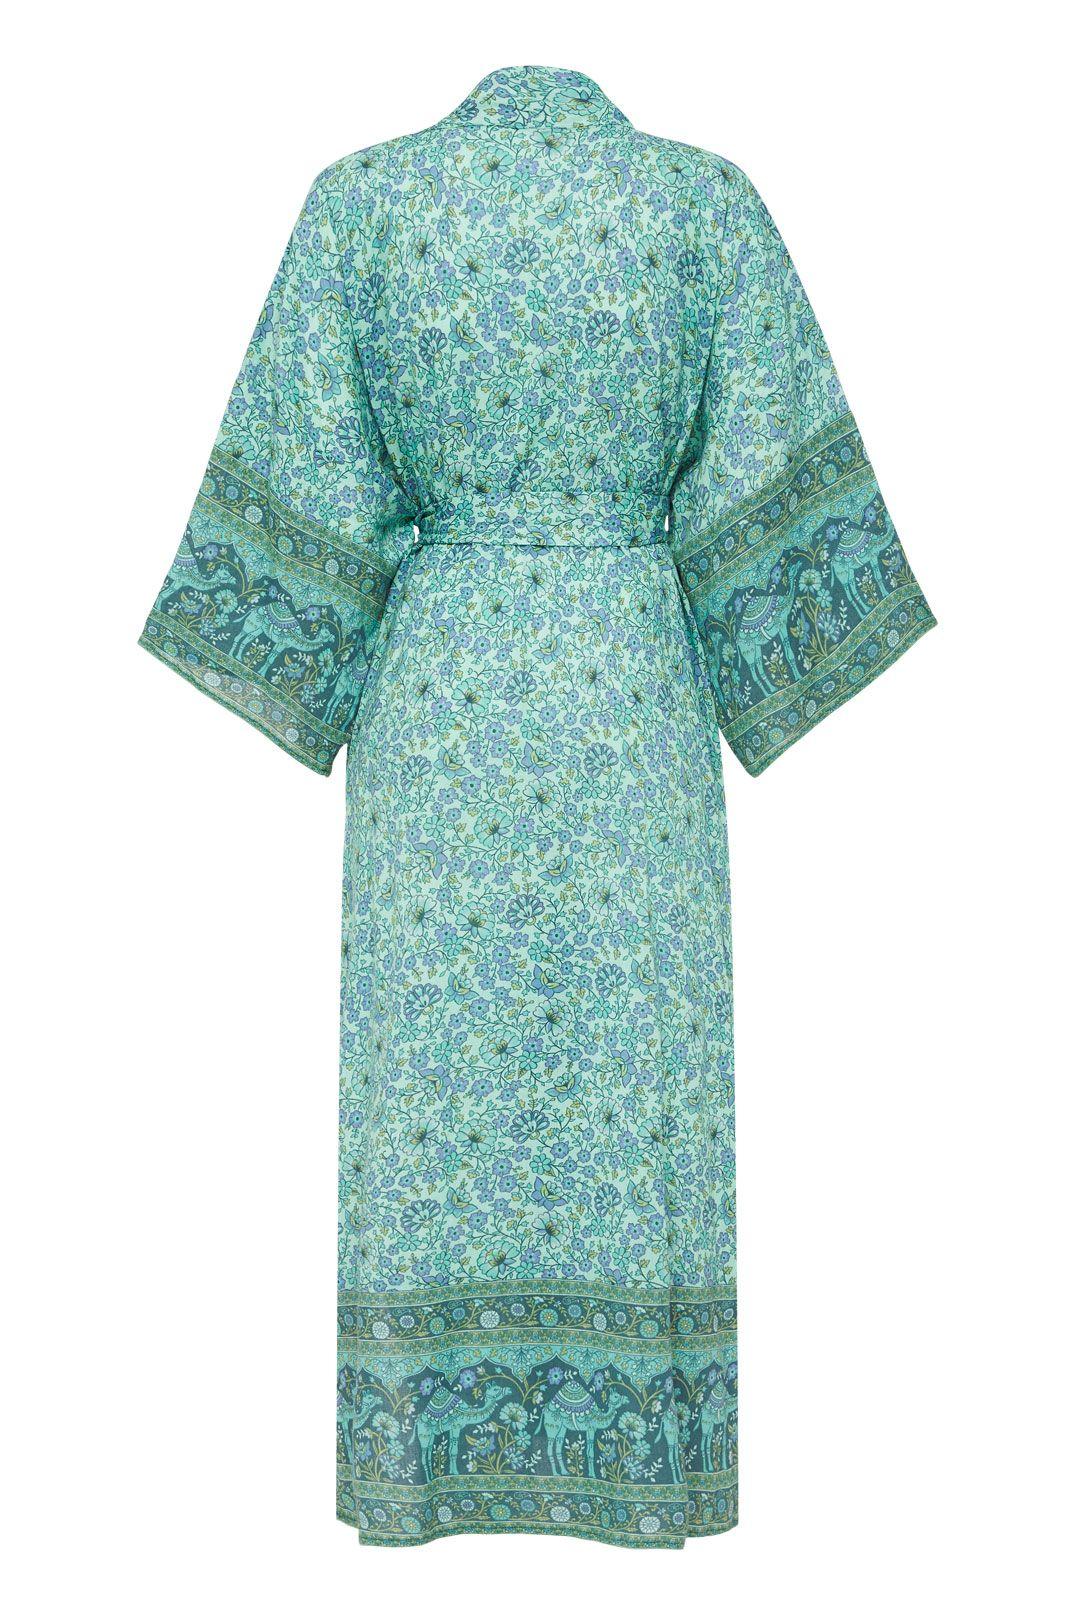 Spell Sundown Maxi Robe Turquoise Paisley